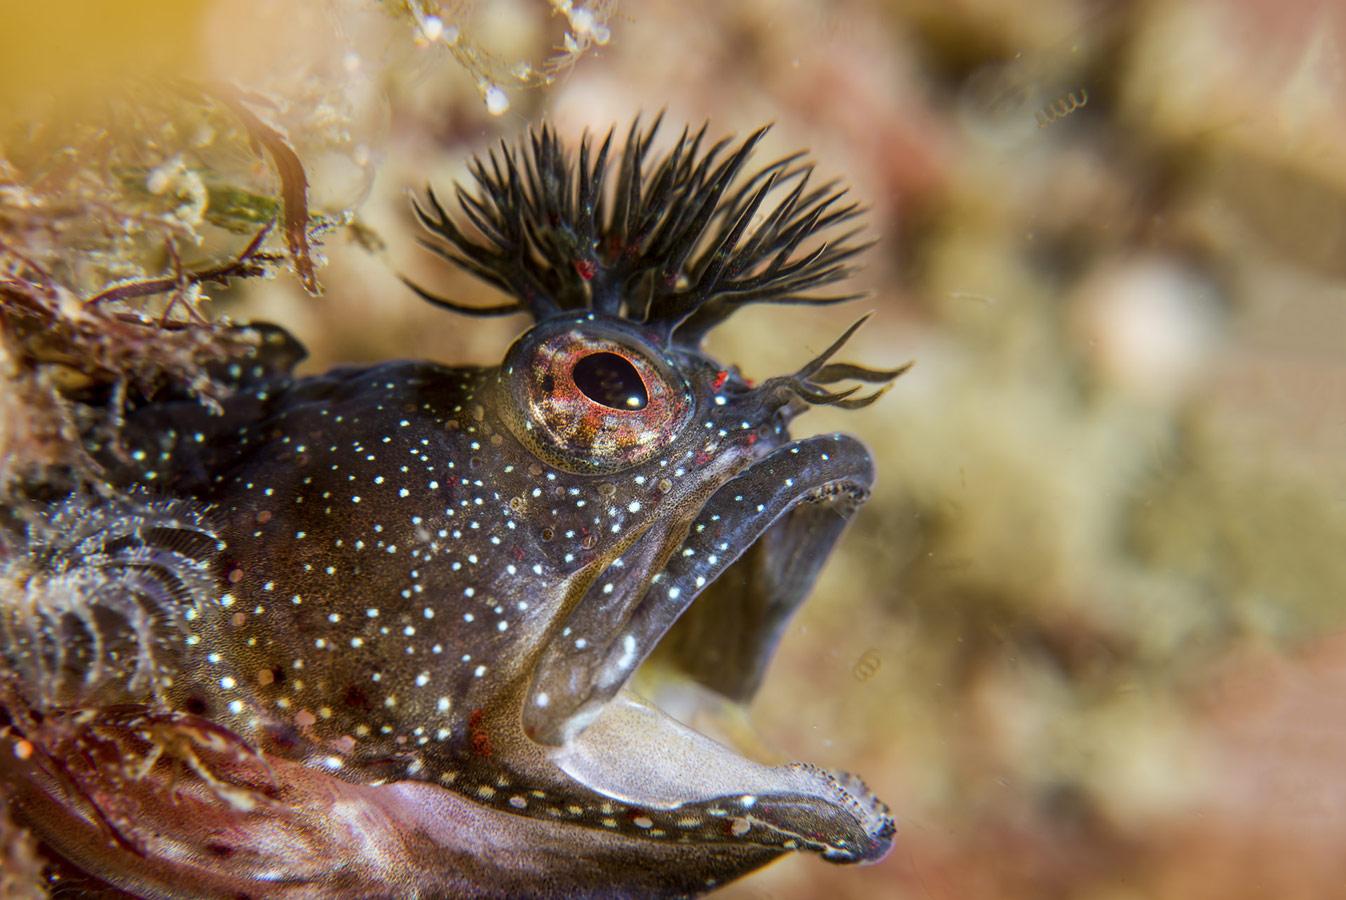 Мицуру Томия / Mitsuru Tomiya, Осака, Япония, Почётная оценка в категории «Океан», Фотоконкурс «Лучшая природная фотография Азии» — Nature's Best Photography Asia